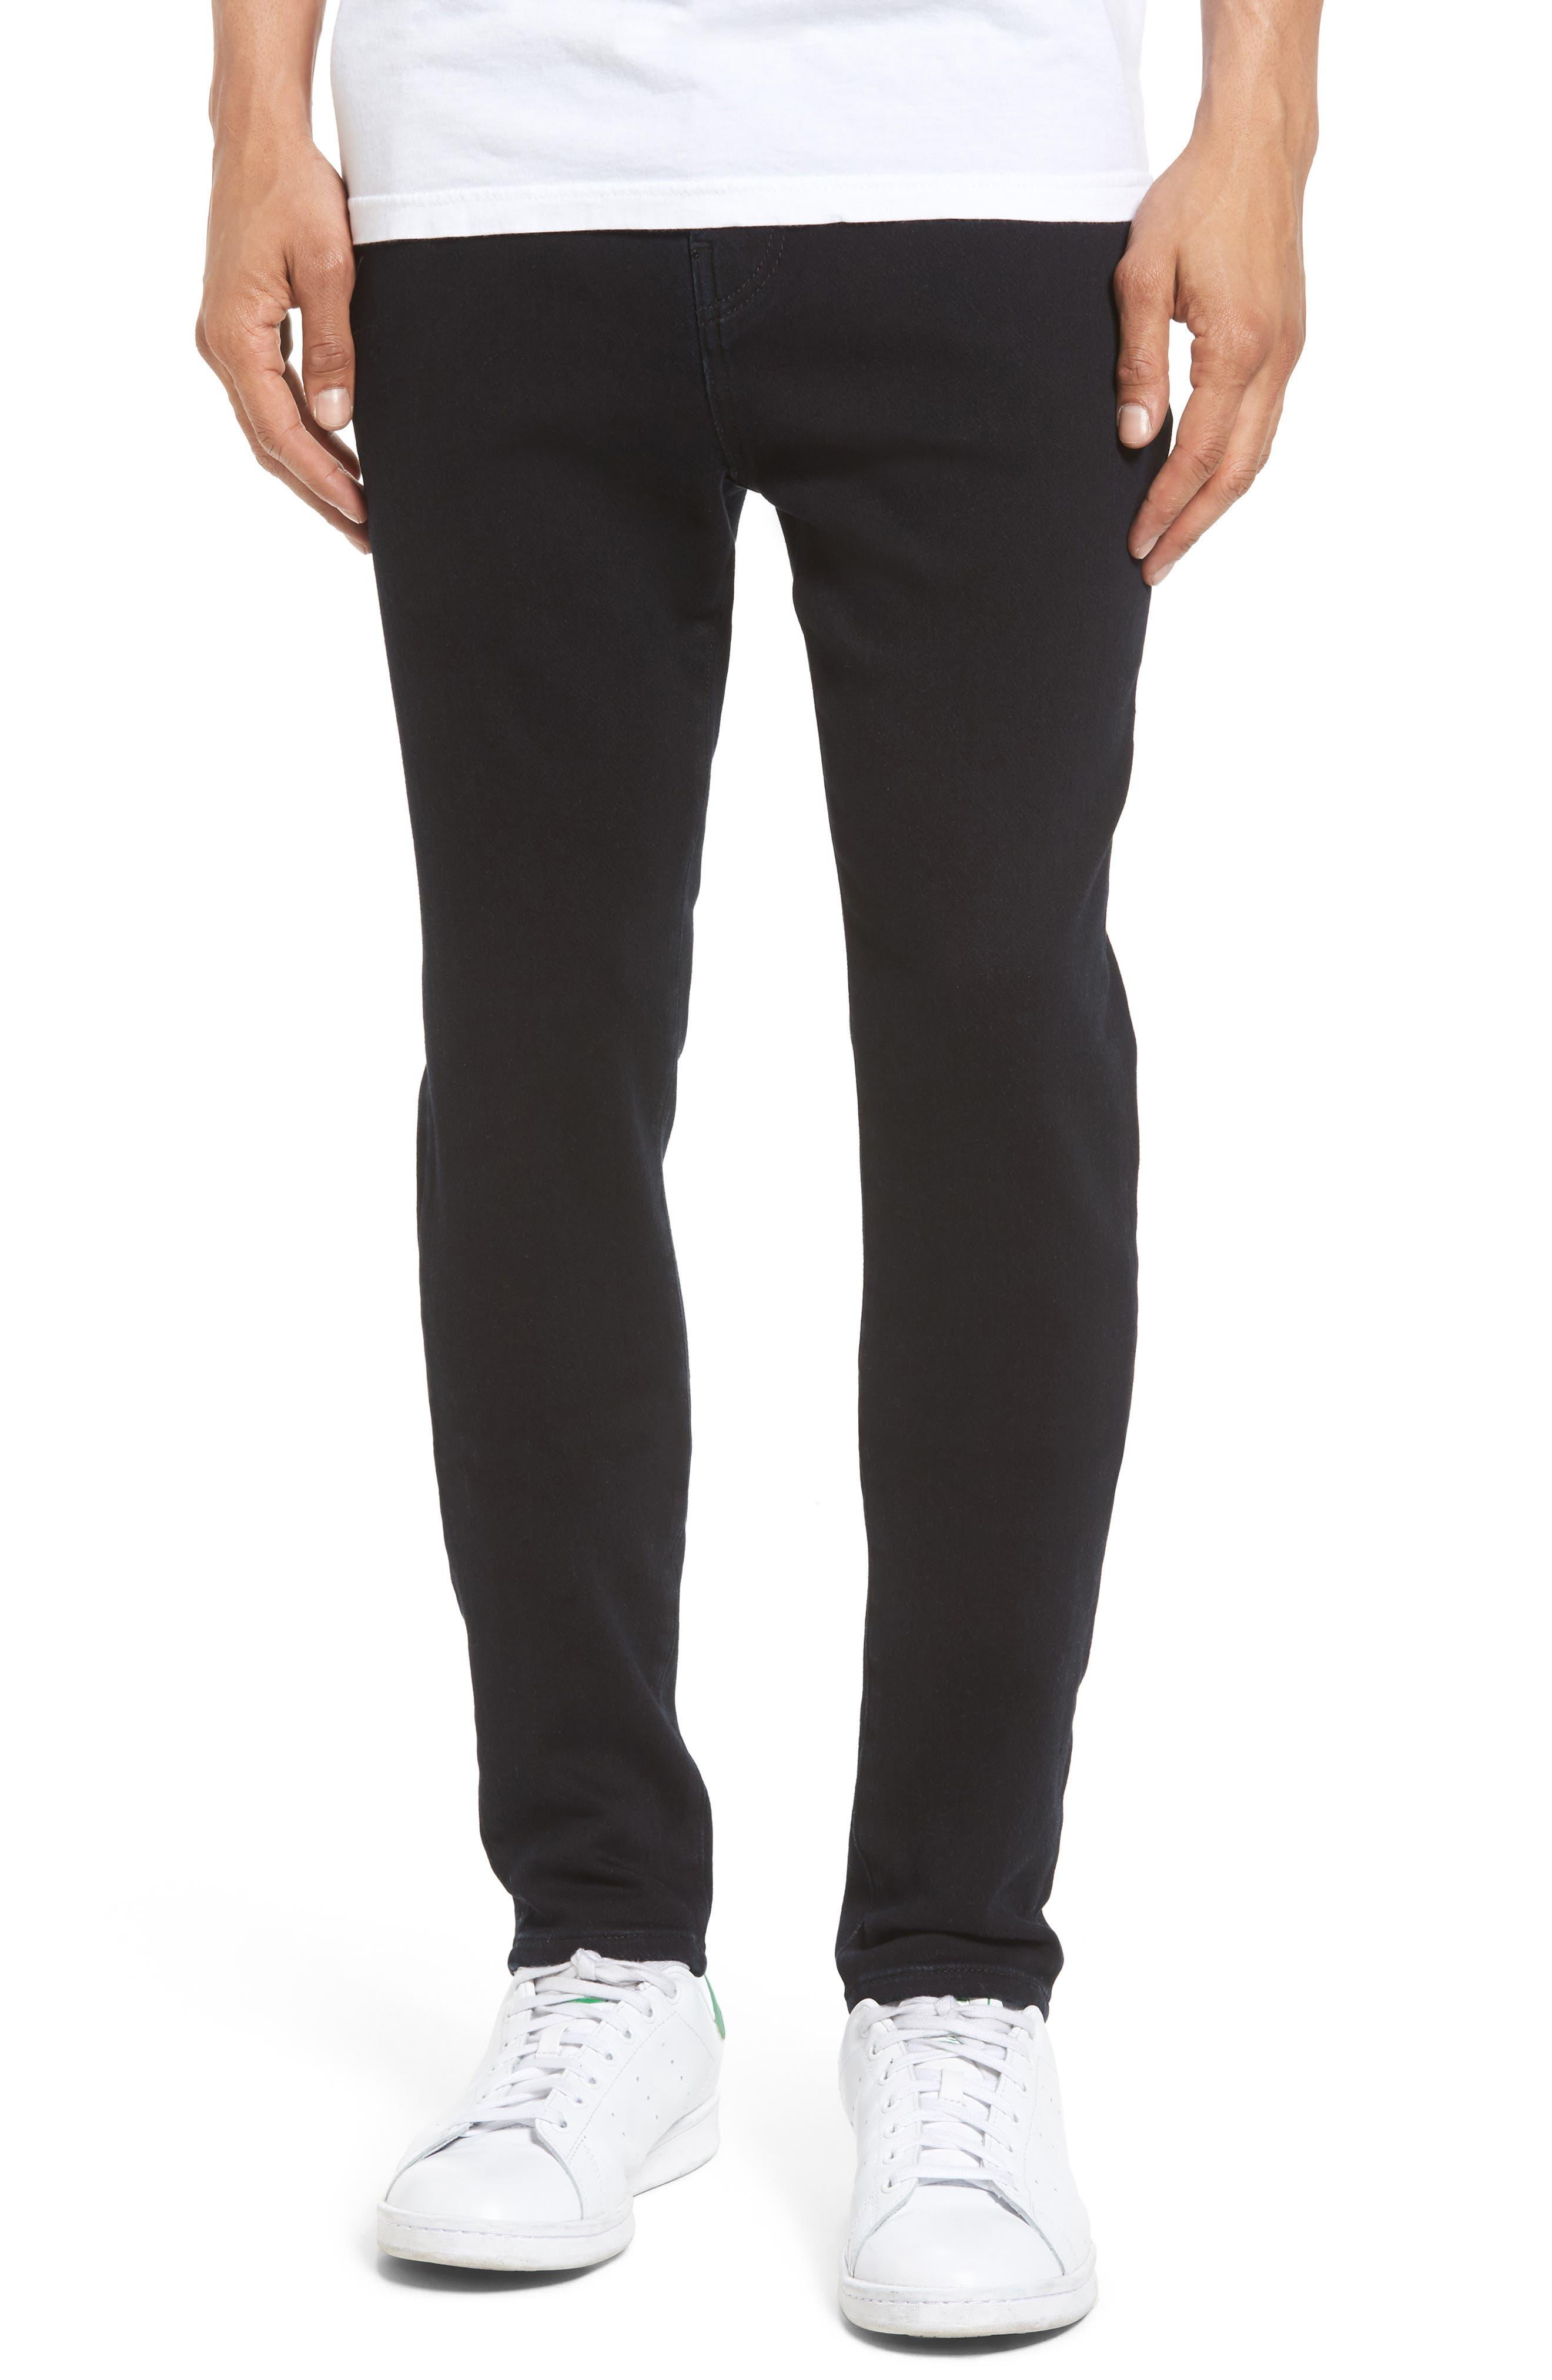 Main Image - True Religion Brand Jeans Mick Overdye Runner Jeans